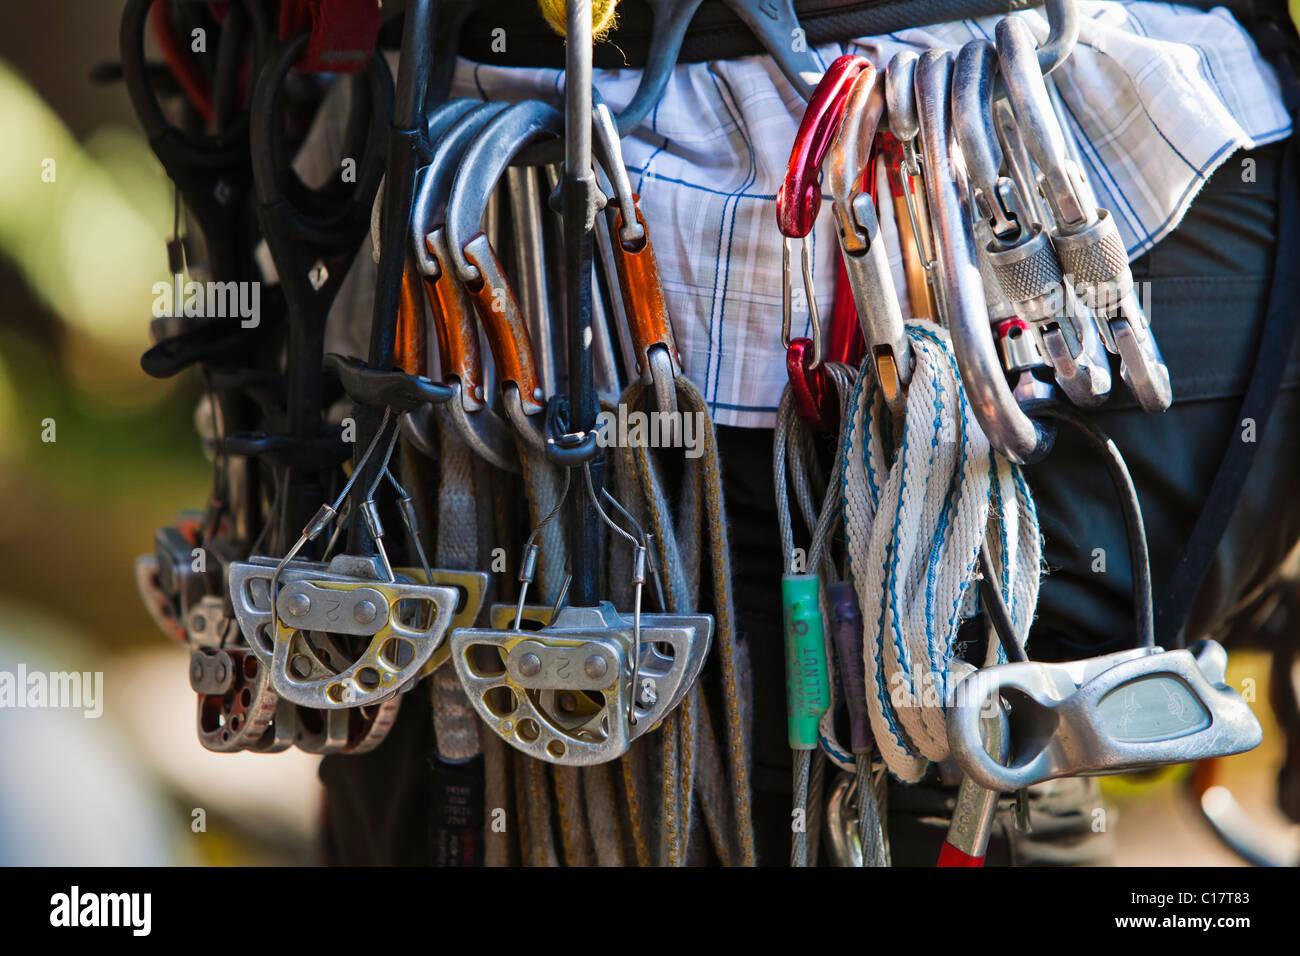 Kletterausrüstung Deutschland : Kletterausrüstung ein bergsteiger gurt hängen stockfoto bild